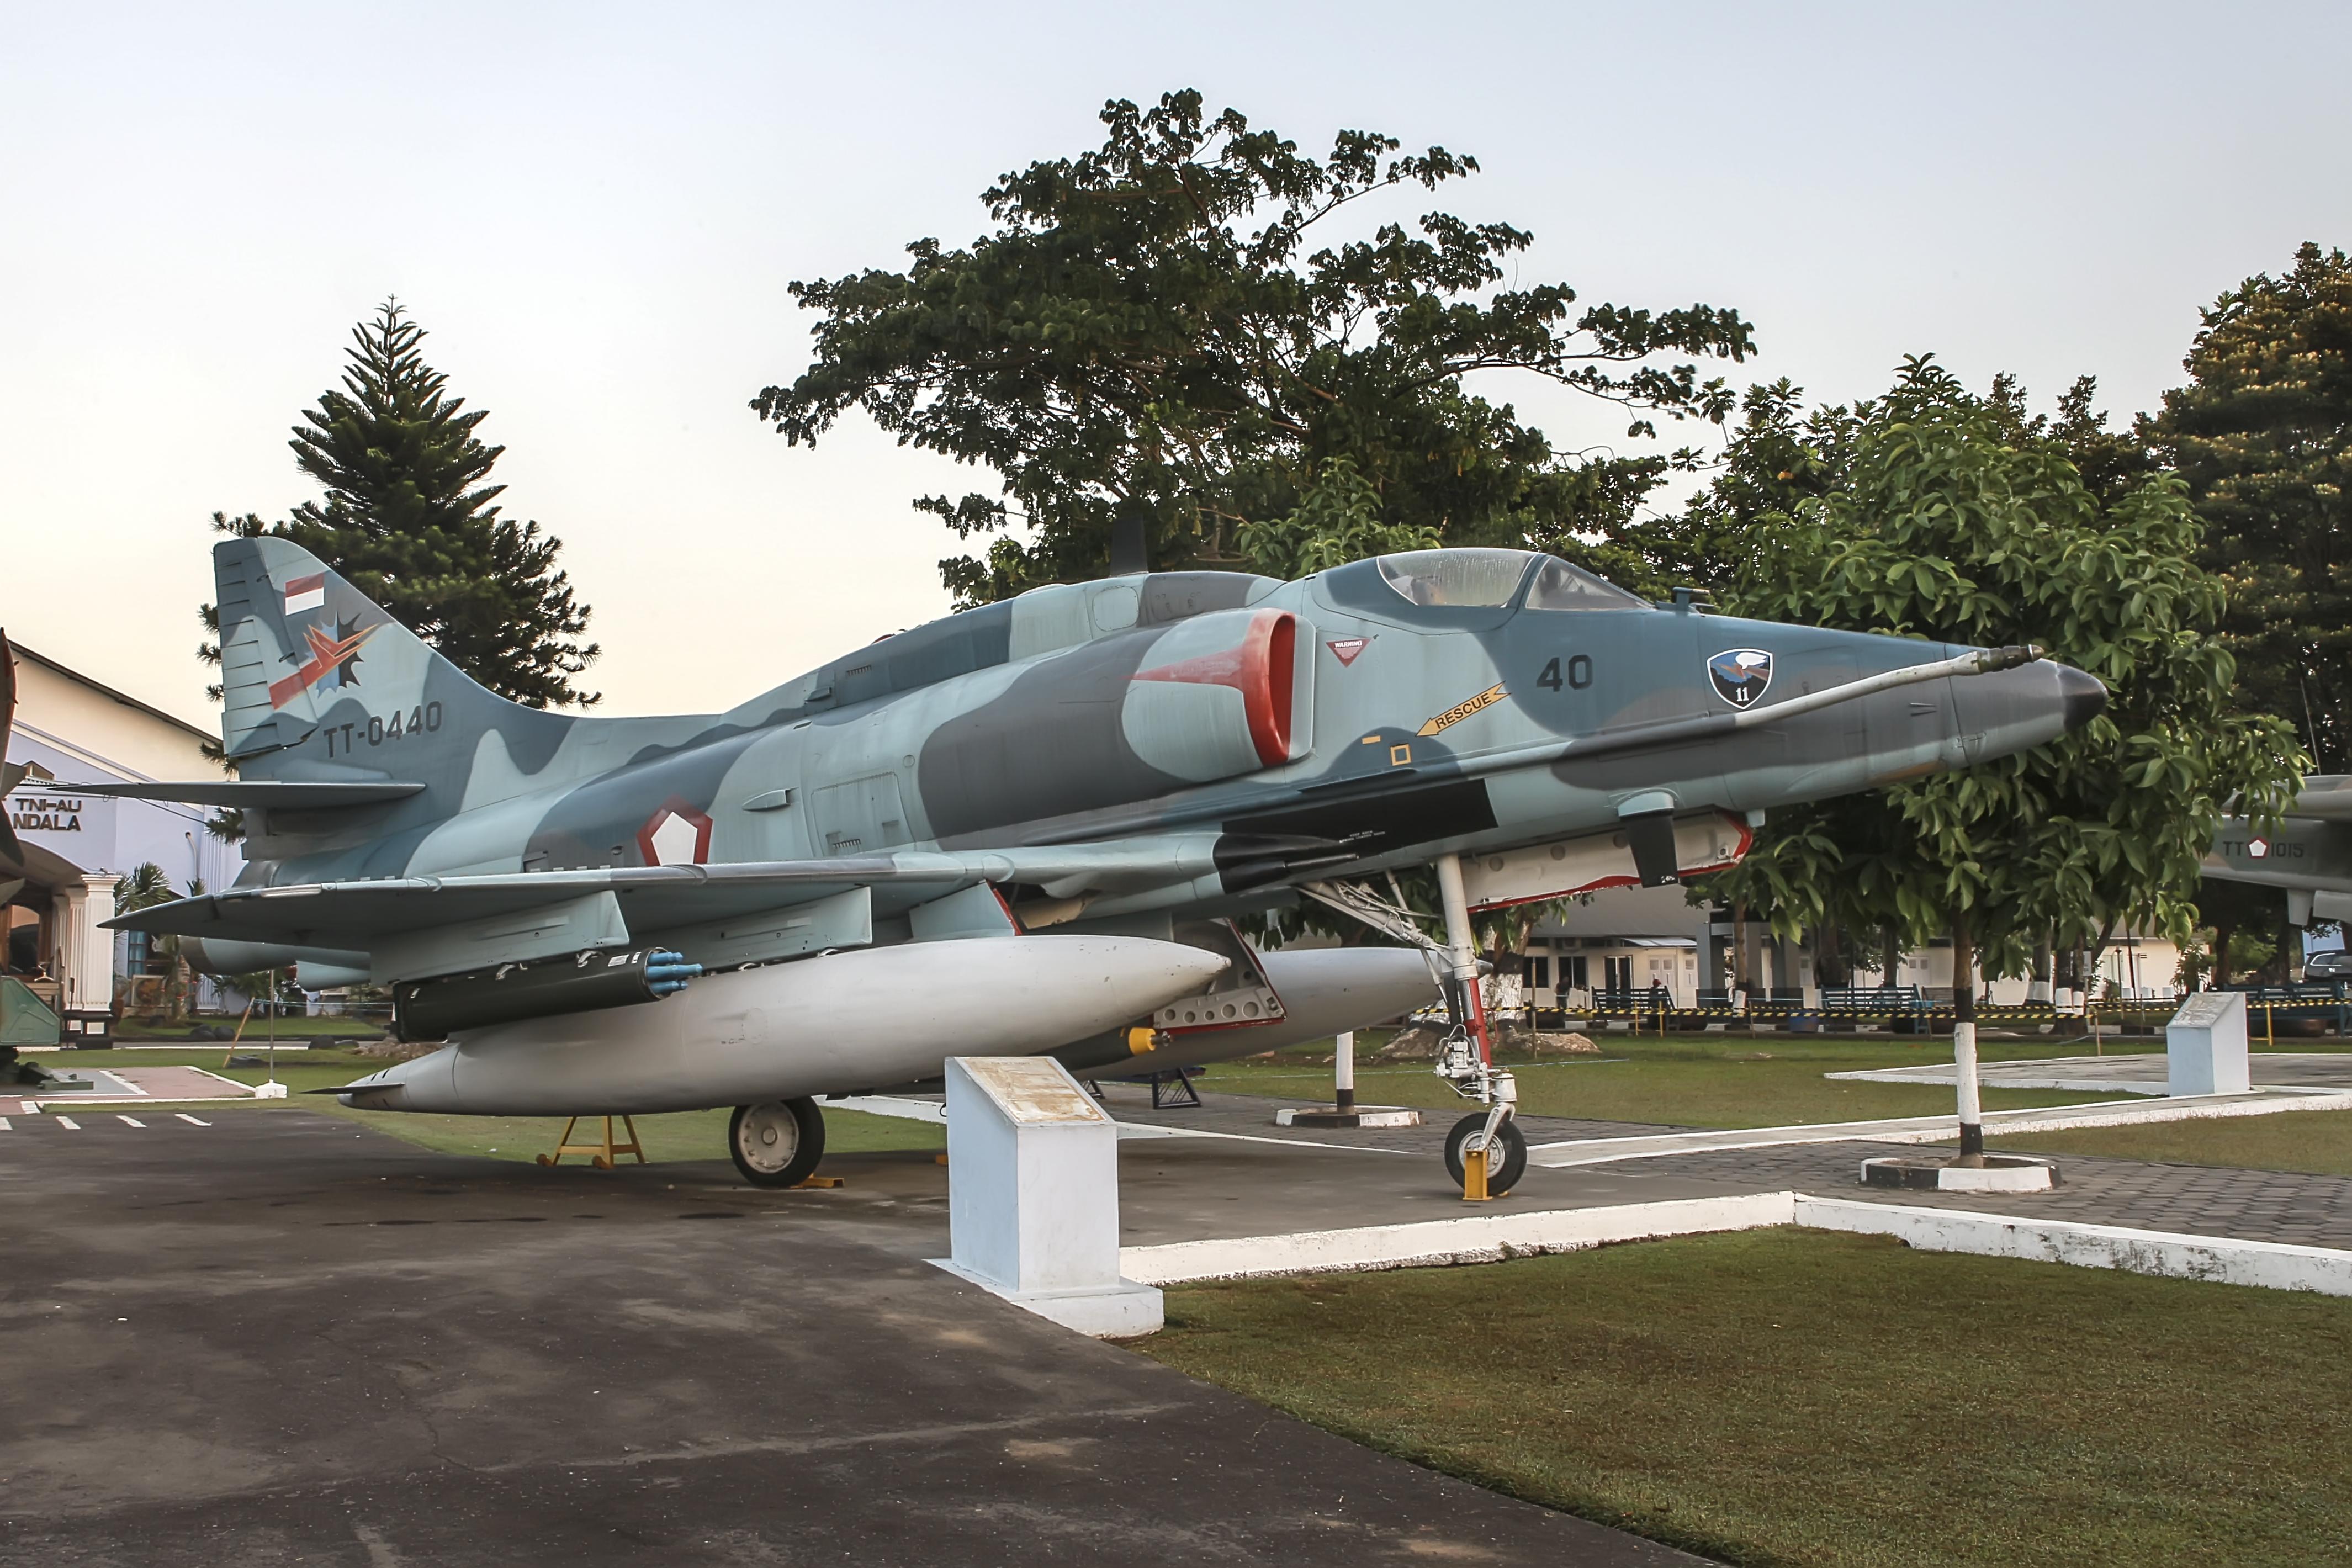 File:An Indonesian Air Force A-4-Skyhawk TT-0440 at Dirgantara Mandala Museum.jpg